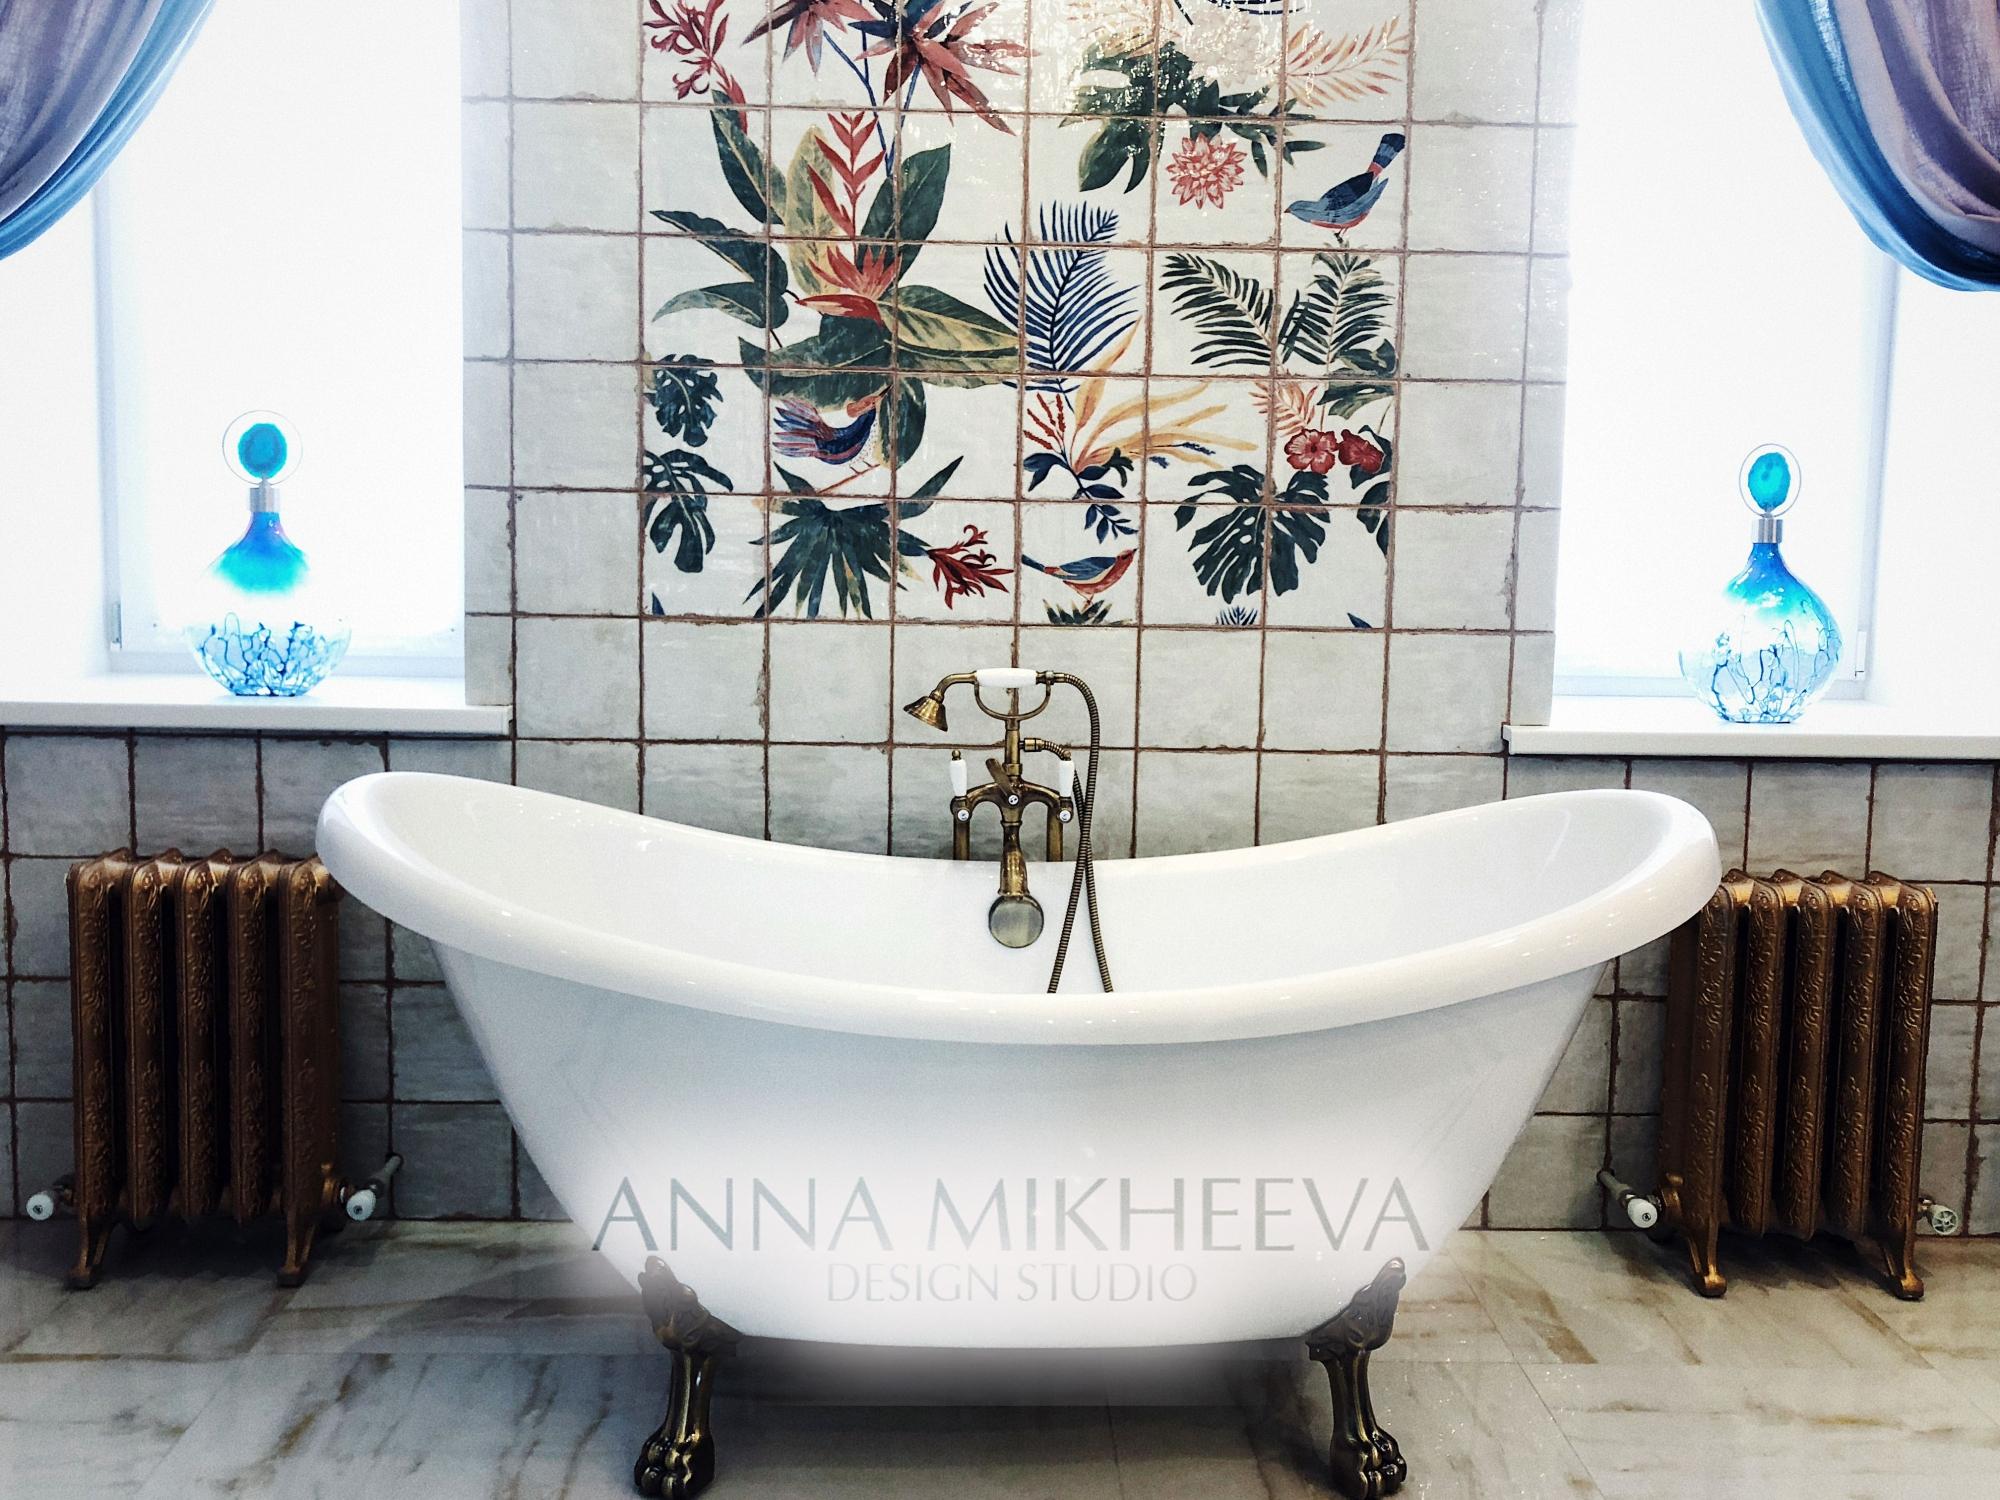 Интерьер ванной комнаты 2018 года. В Астане. Фото.